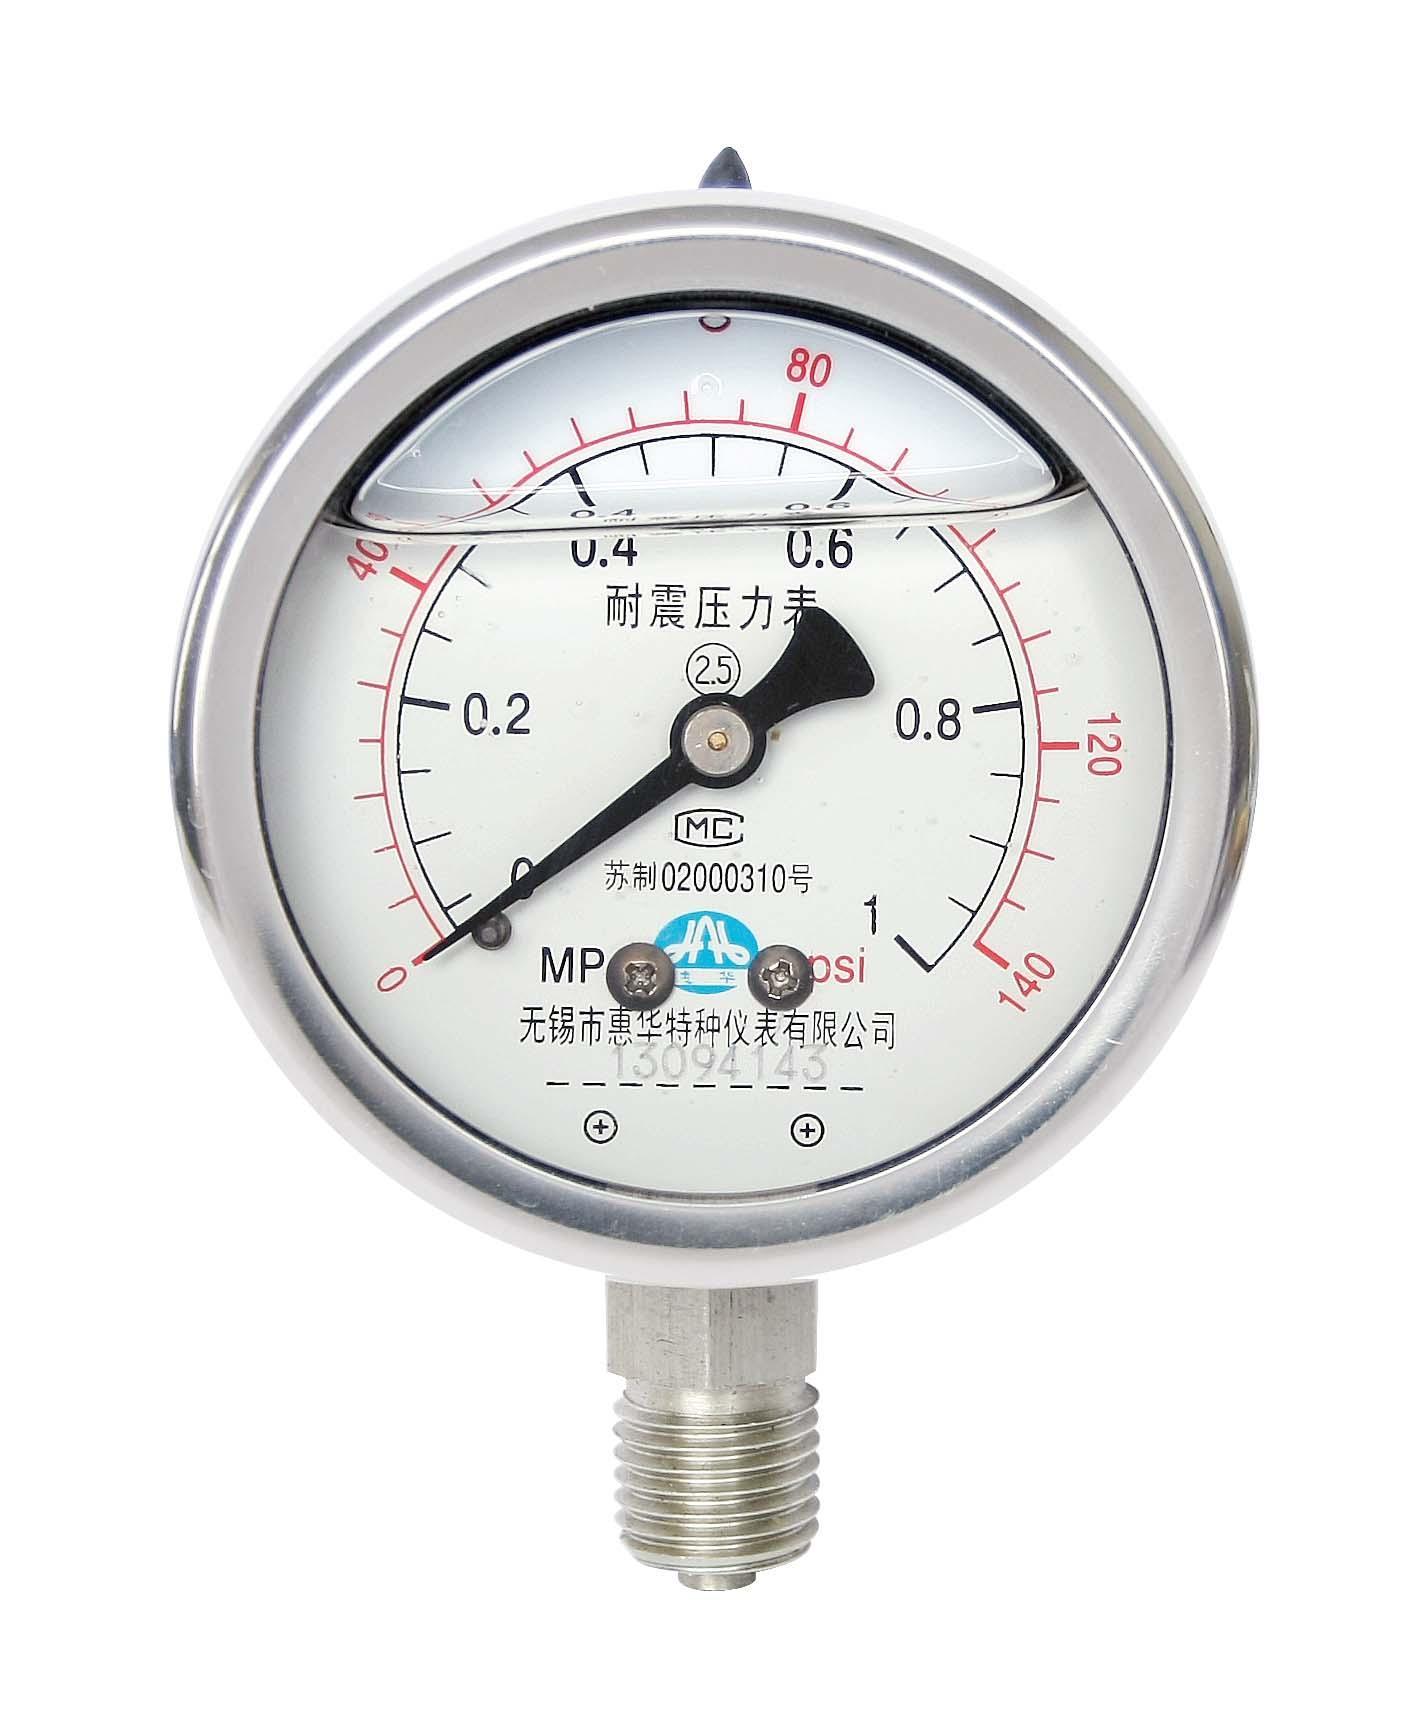 不鏽鋼耐震壓力表 耐震不鏽鋼壓力表 1